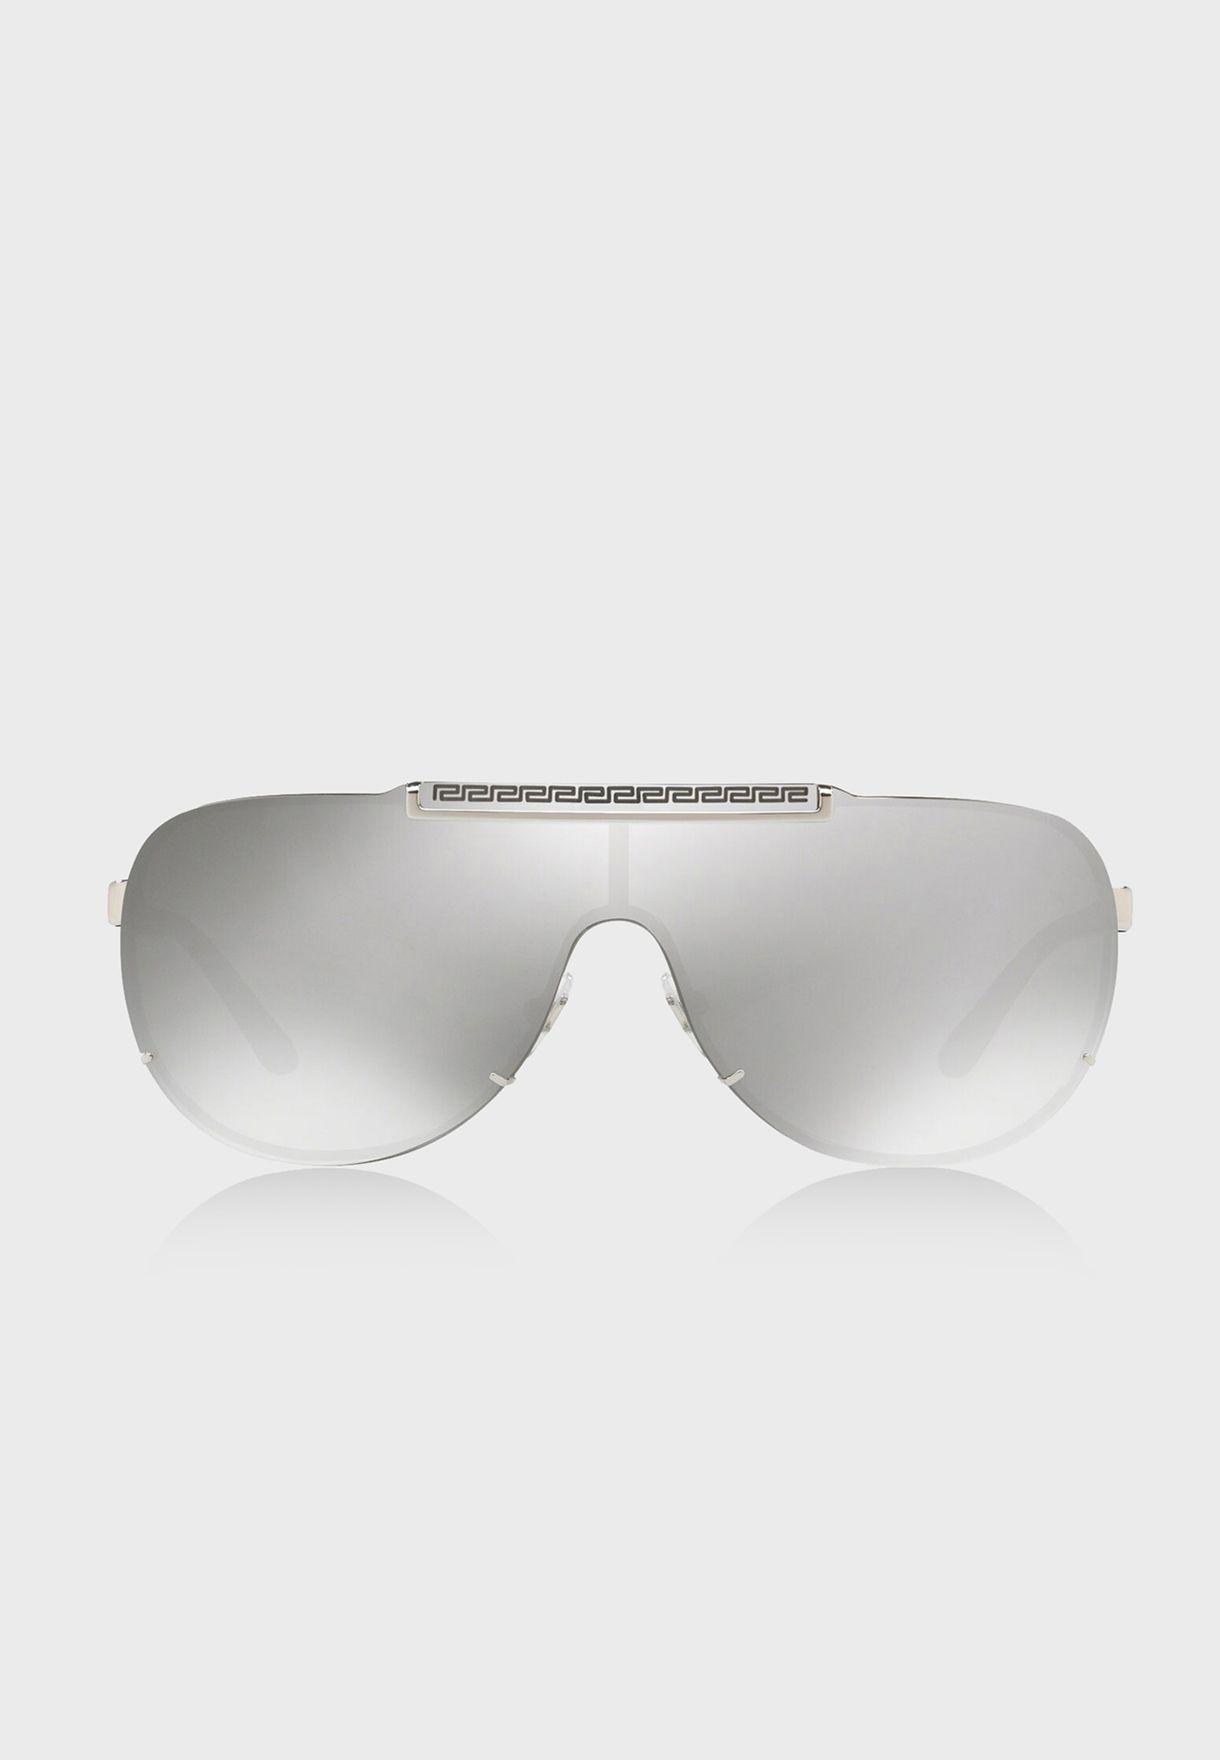 32b06c2b8 تسوق نظارة شمسية فايزور 0VE2140 ماركة فيرساتشي لون فضي 8053672820959 ...